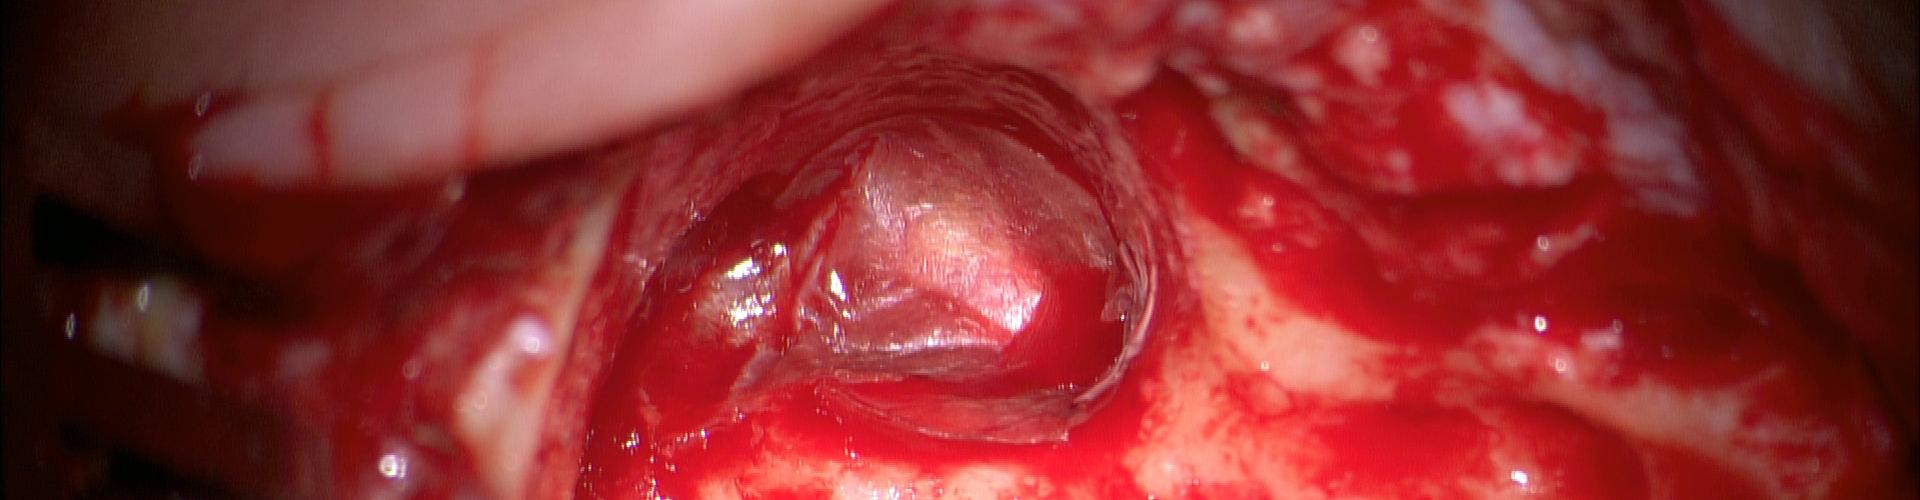 05%2bcirurgia%2bdo%2bouvido%2bcronico%2bcapa